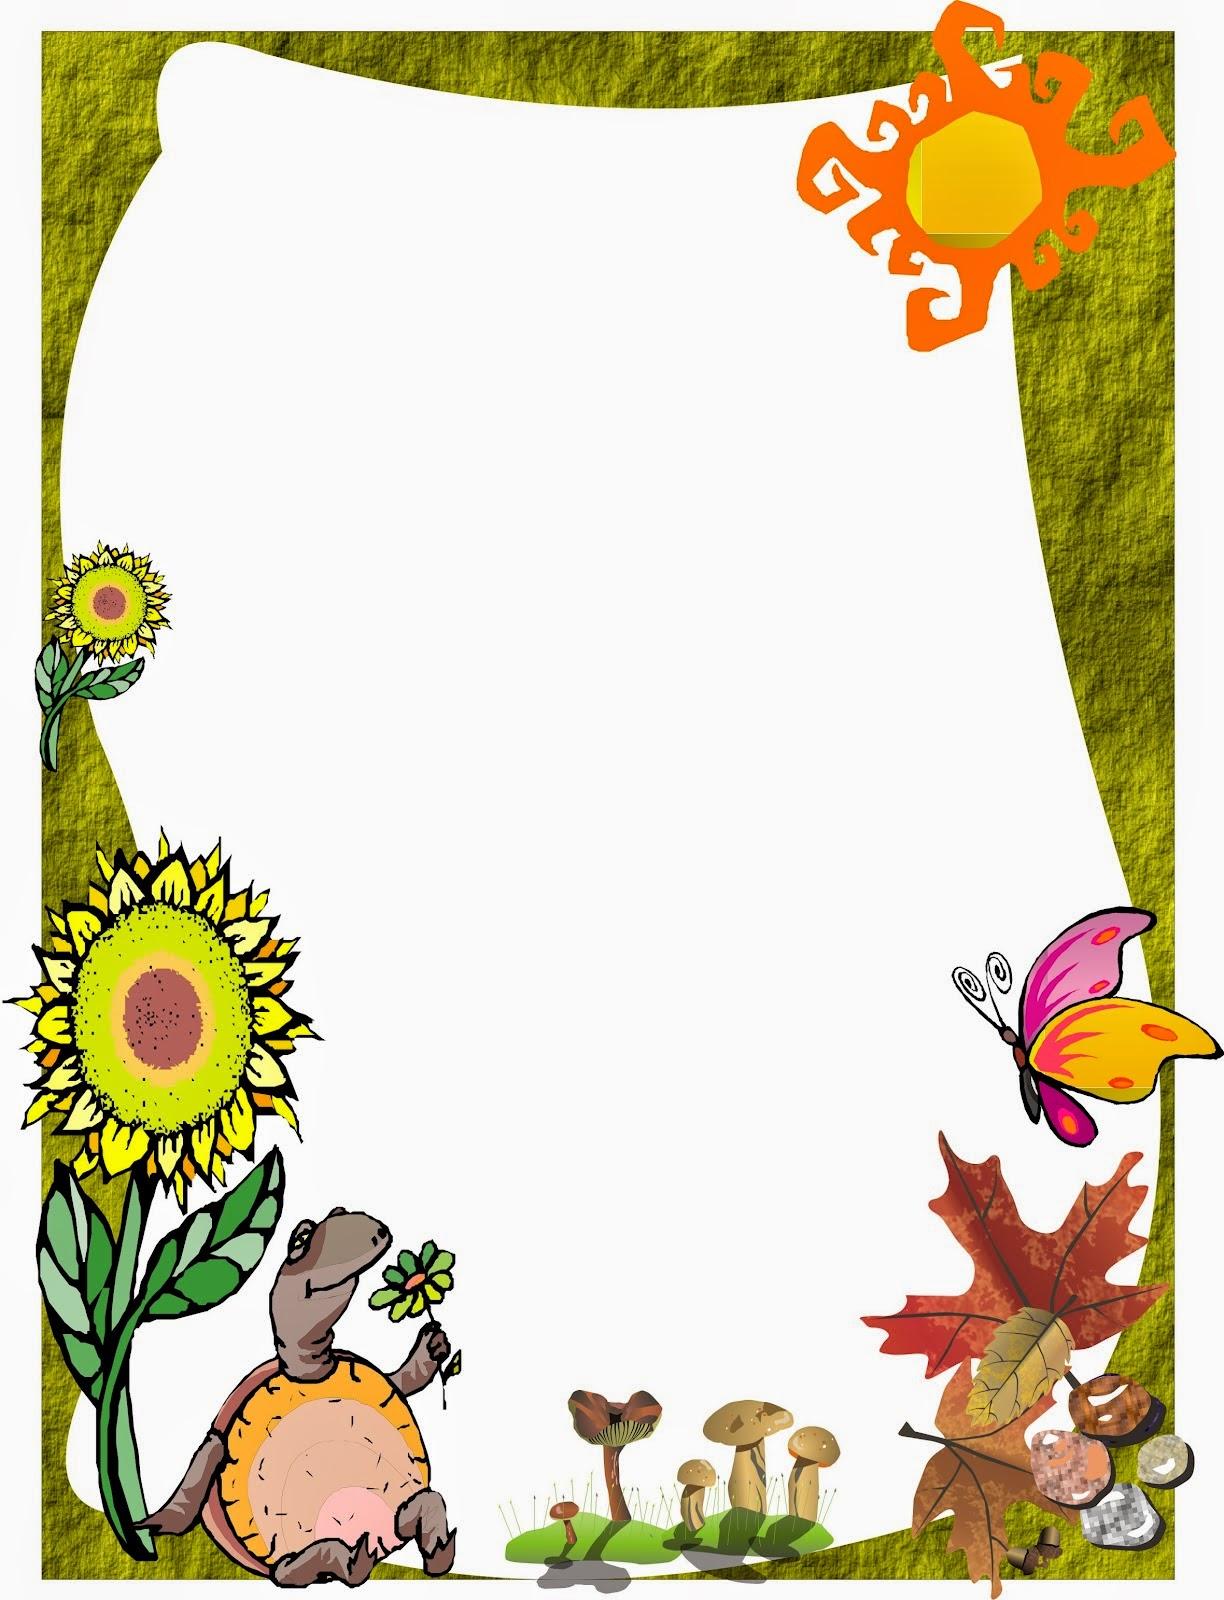 Caratula para cuadernos de niñas- caratulas escolares